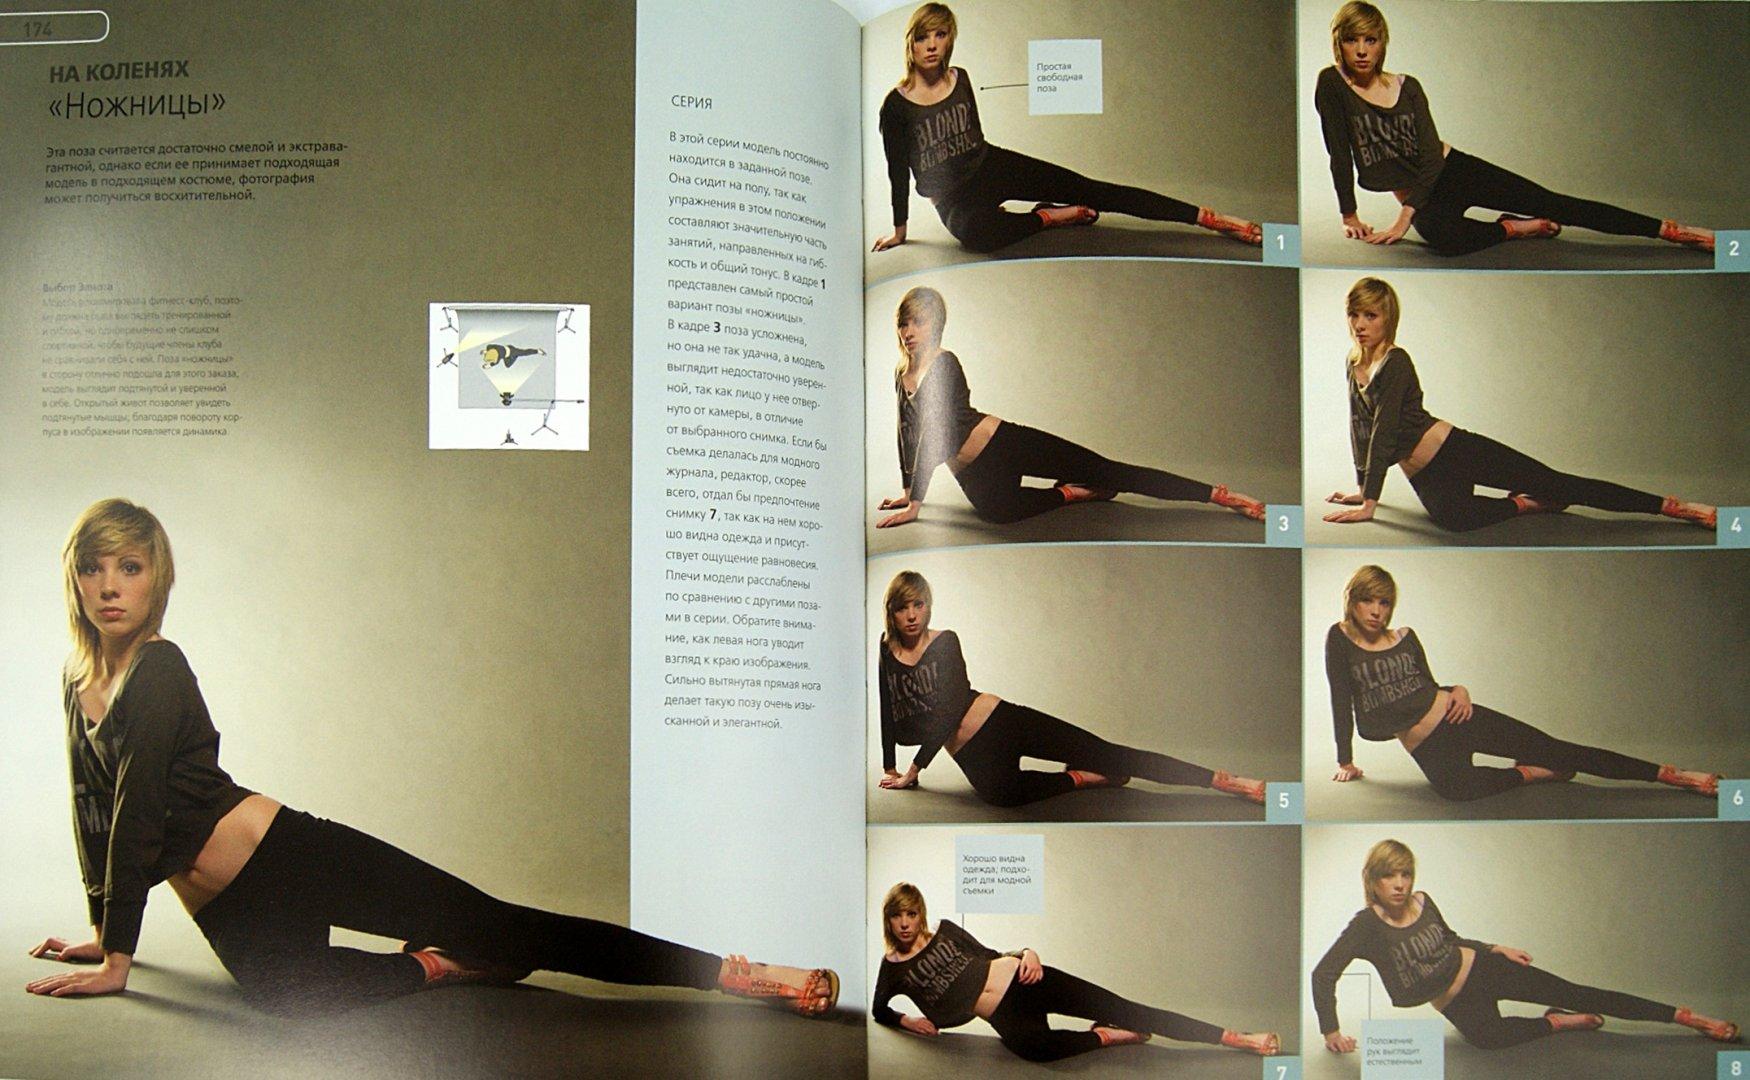 Иллюстрация 1 из 23 для Модельная фотография. 1000 поз - Элиот Сигел | Лабиринт - книги. Источник: Лабиринт